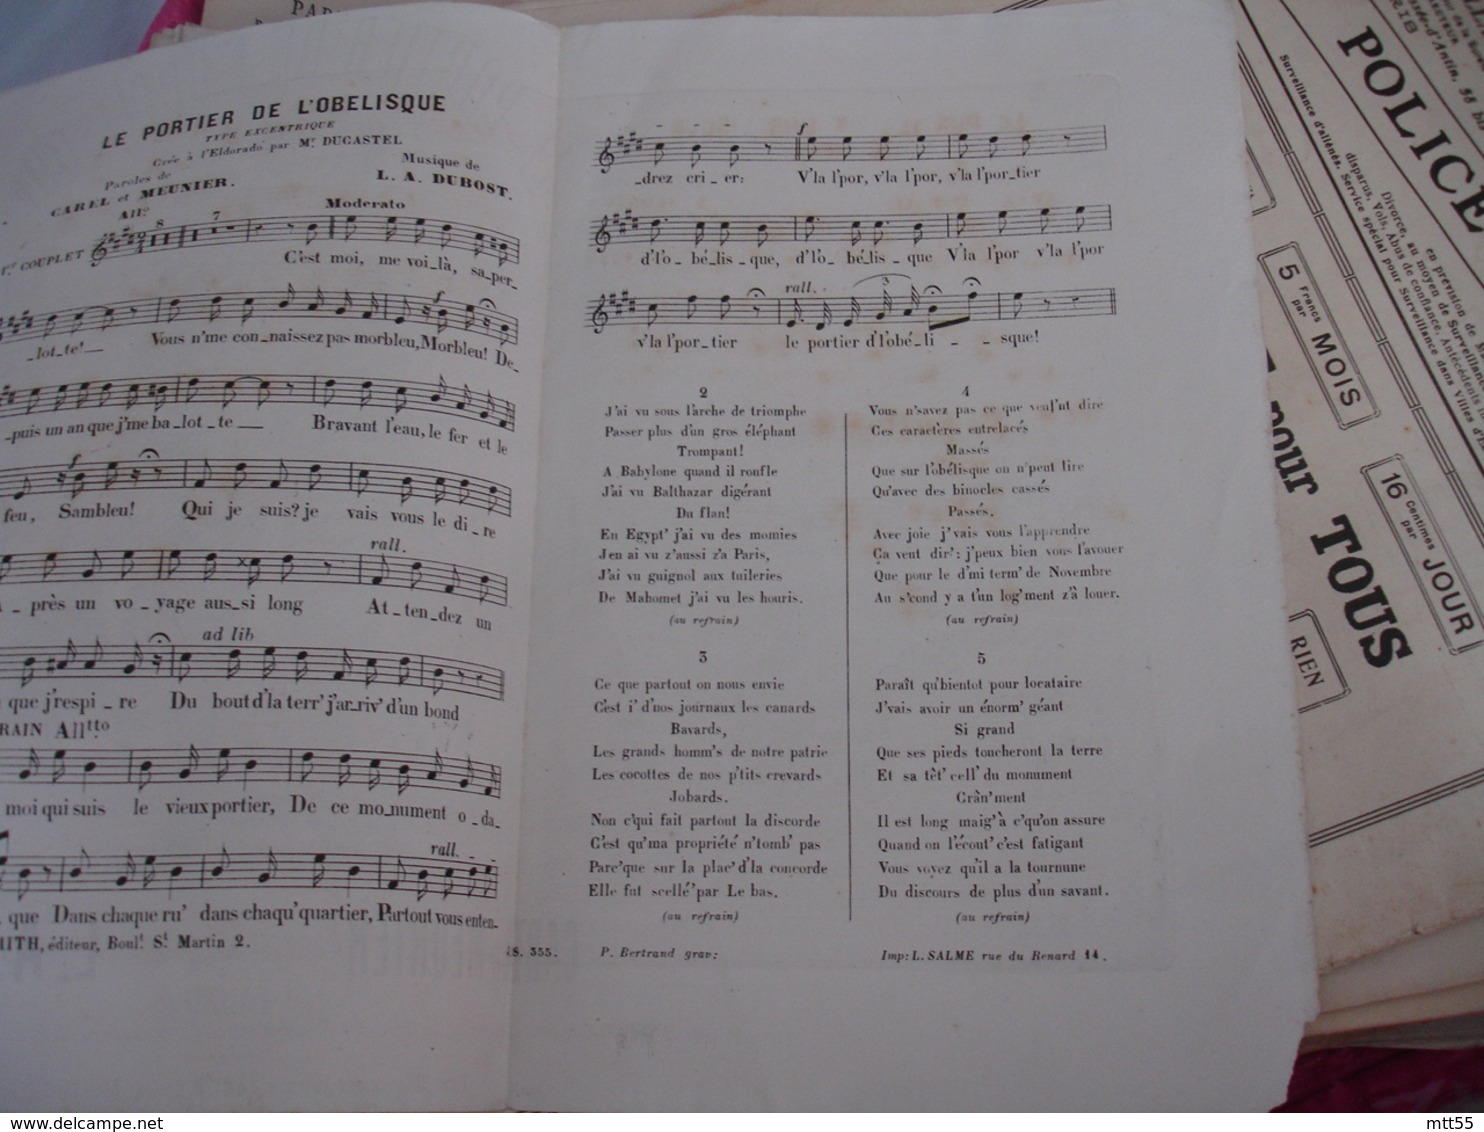 Partition Musique Ancienne Gravure Cafe Concert Caf Conf Eldorzado Portier Obelisque - Musique & Instruments